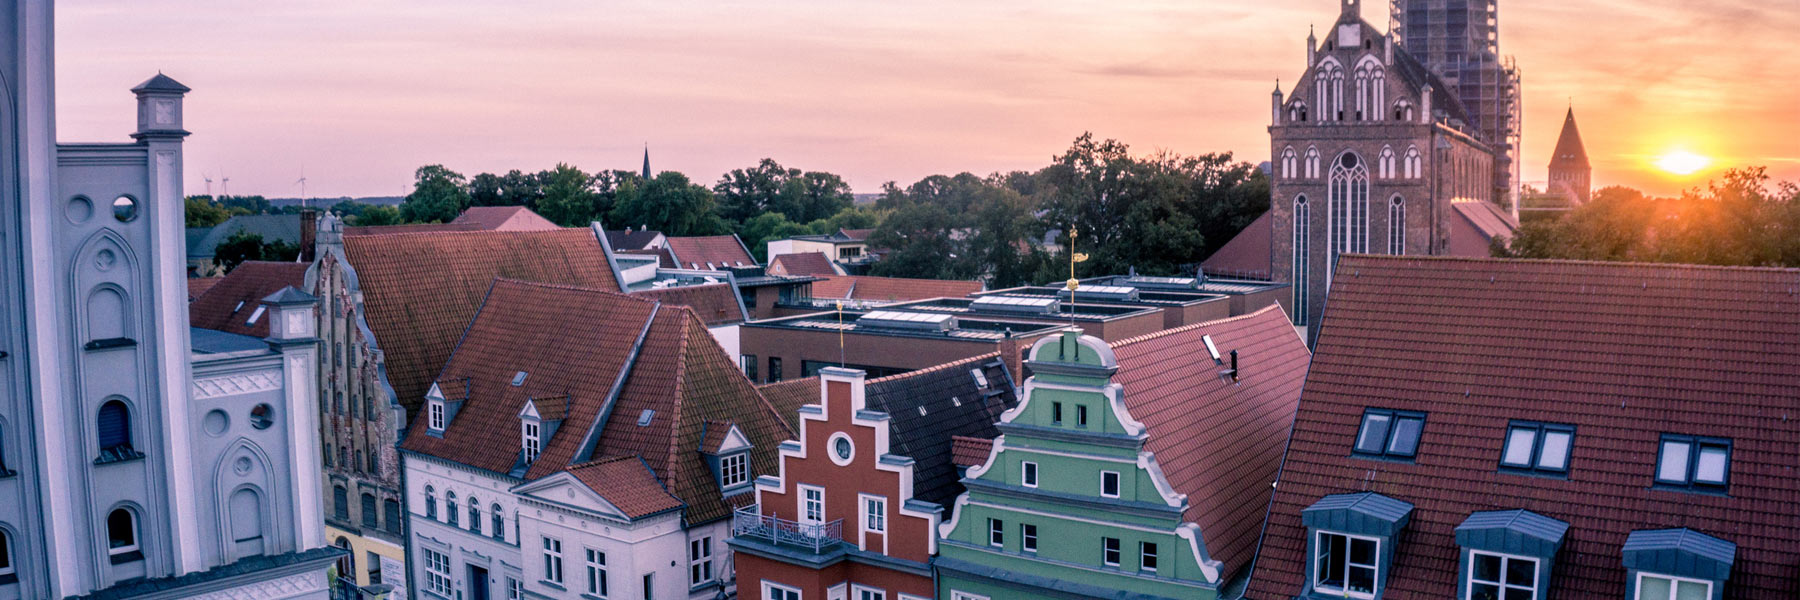 Fischermarkt - Hansestadt Greifswald